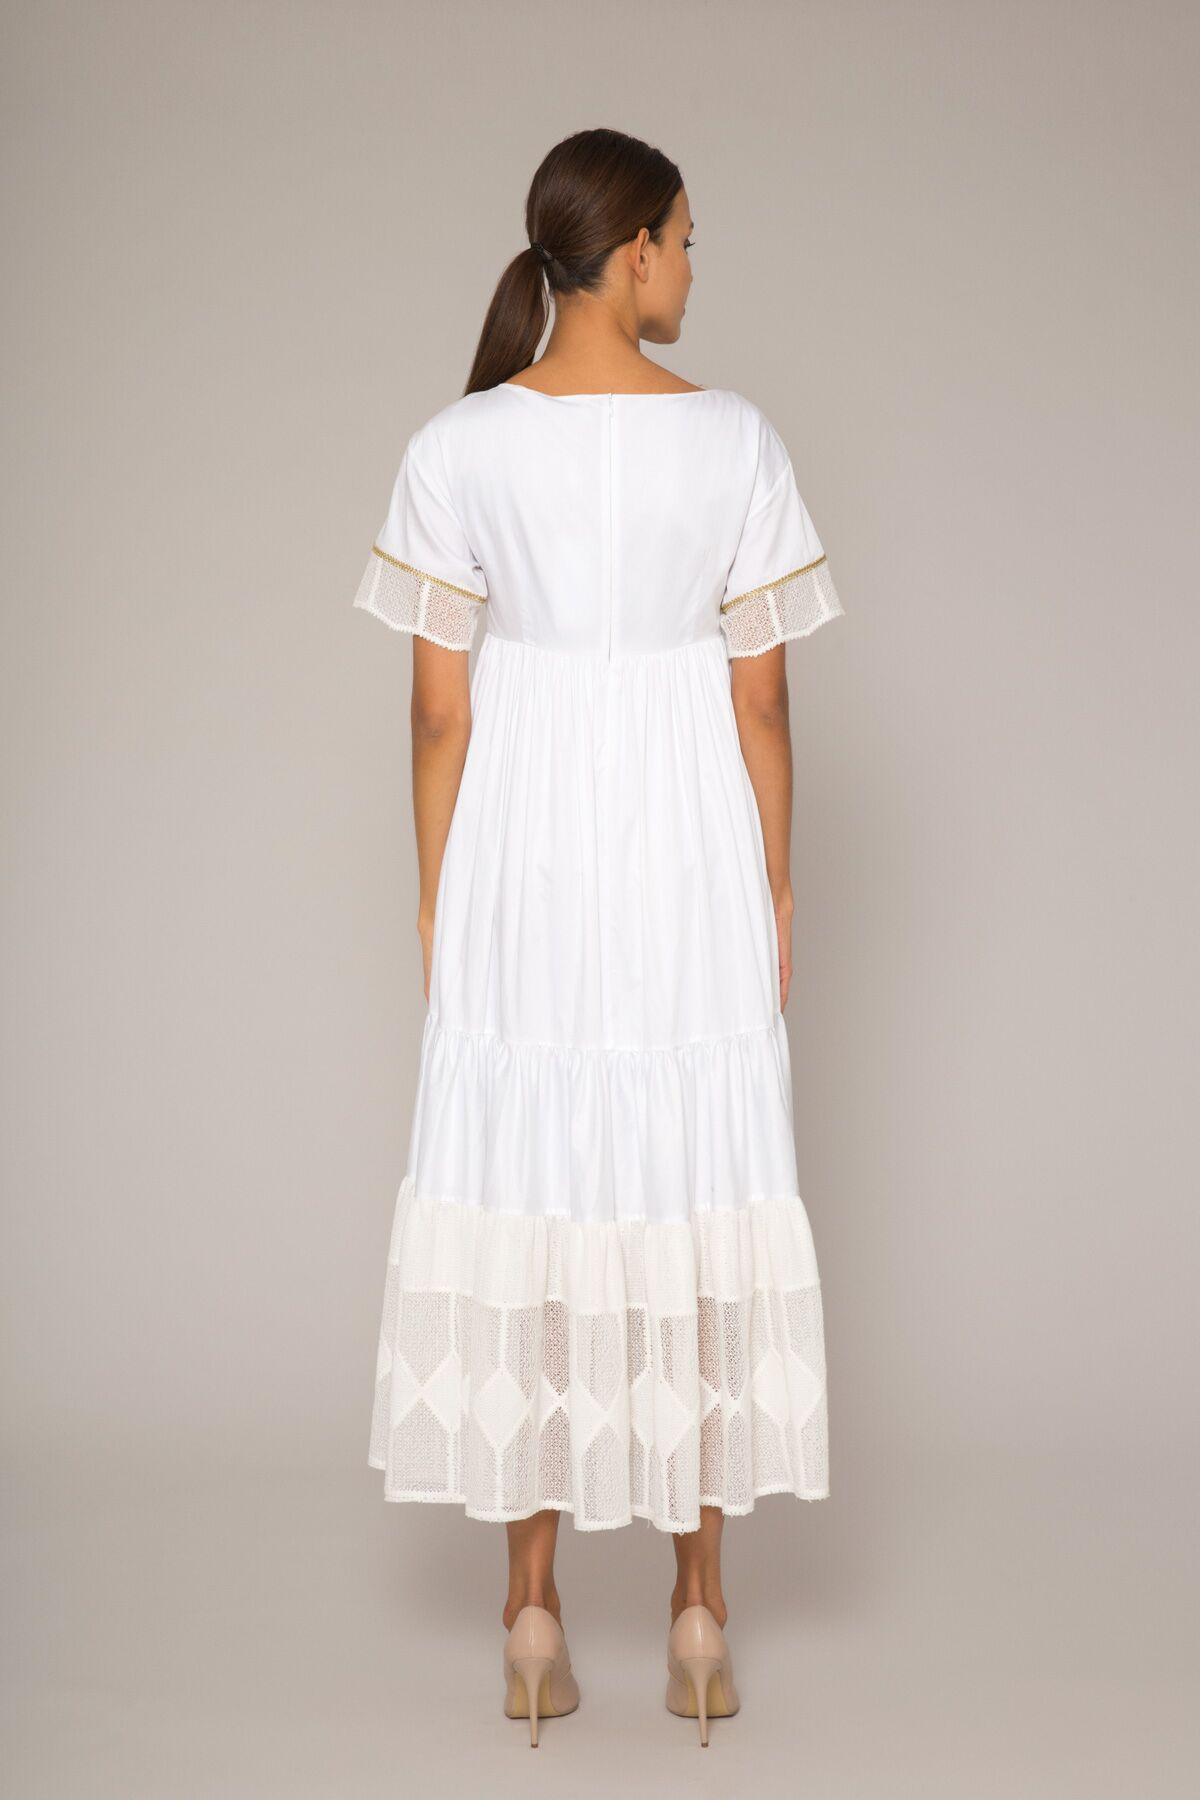 Dantel Garnili, Nakış Detaylı Poplin Elbise